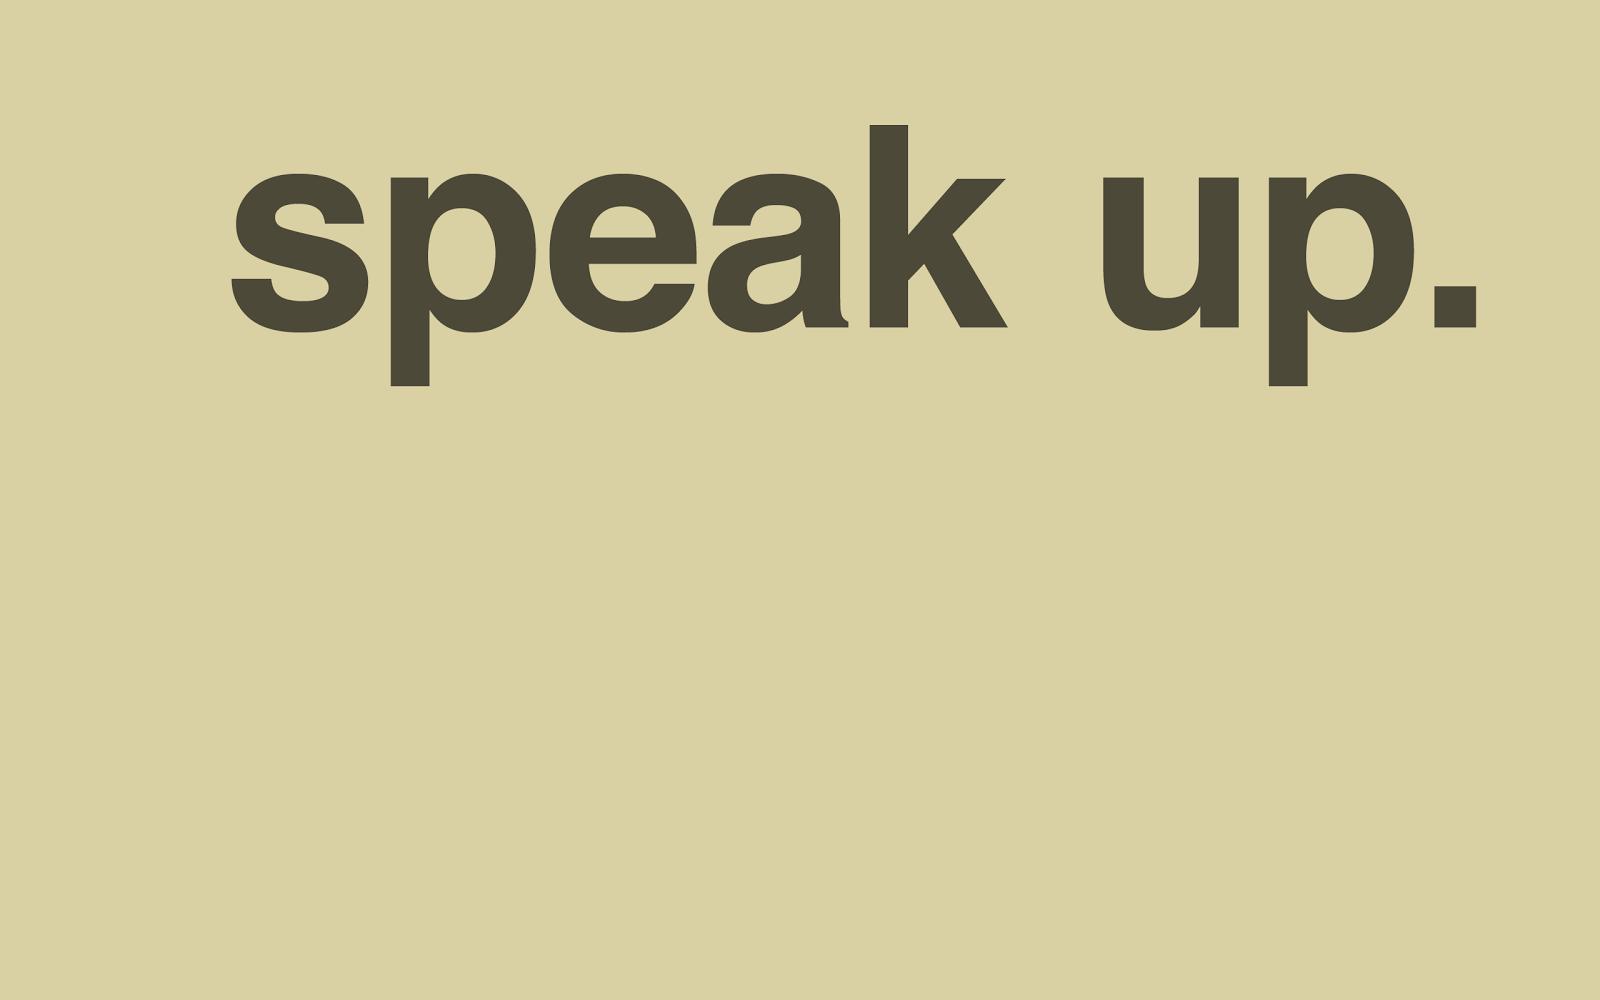 http://3.bp.blogspot.com/-inC1kOv2ucI/T5oTzqJ0tyI/AAAAAAAAAcA/QvbvP-yGDmI/s1600/minimal-desktop-wallpaper-speak-up.png